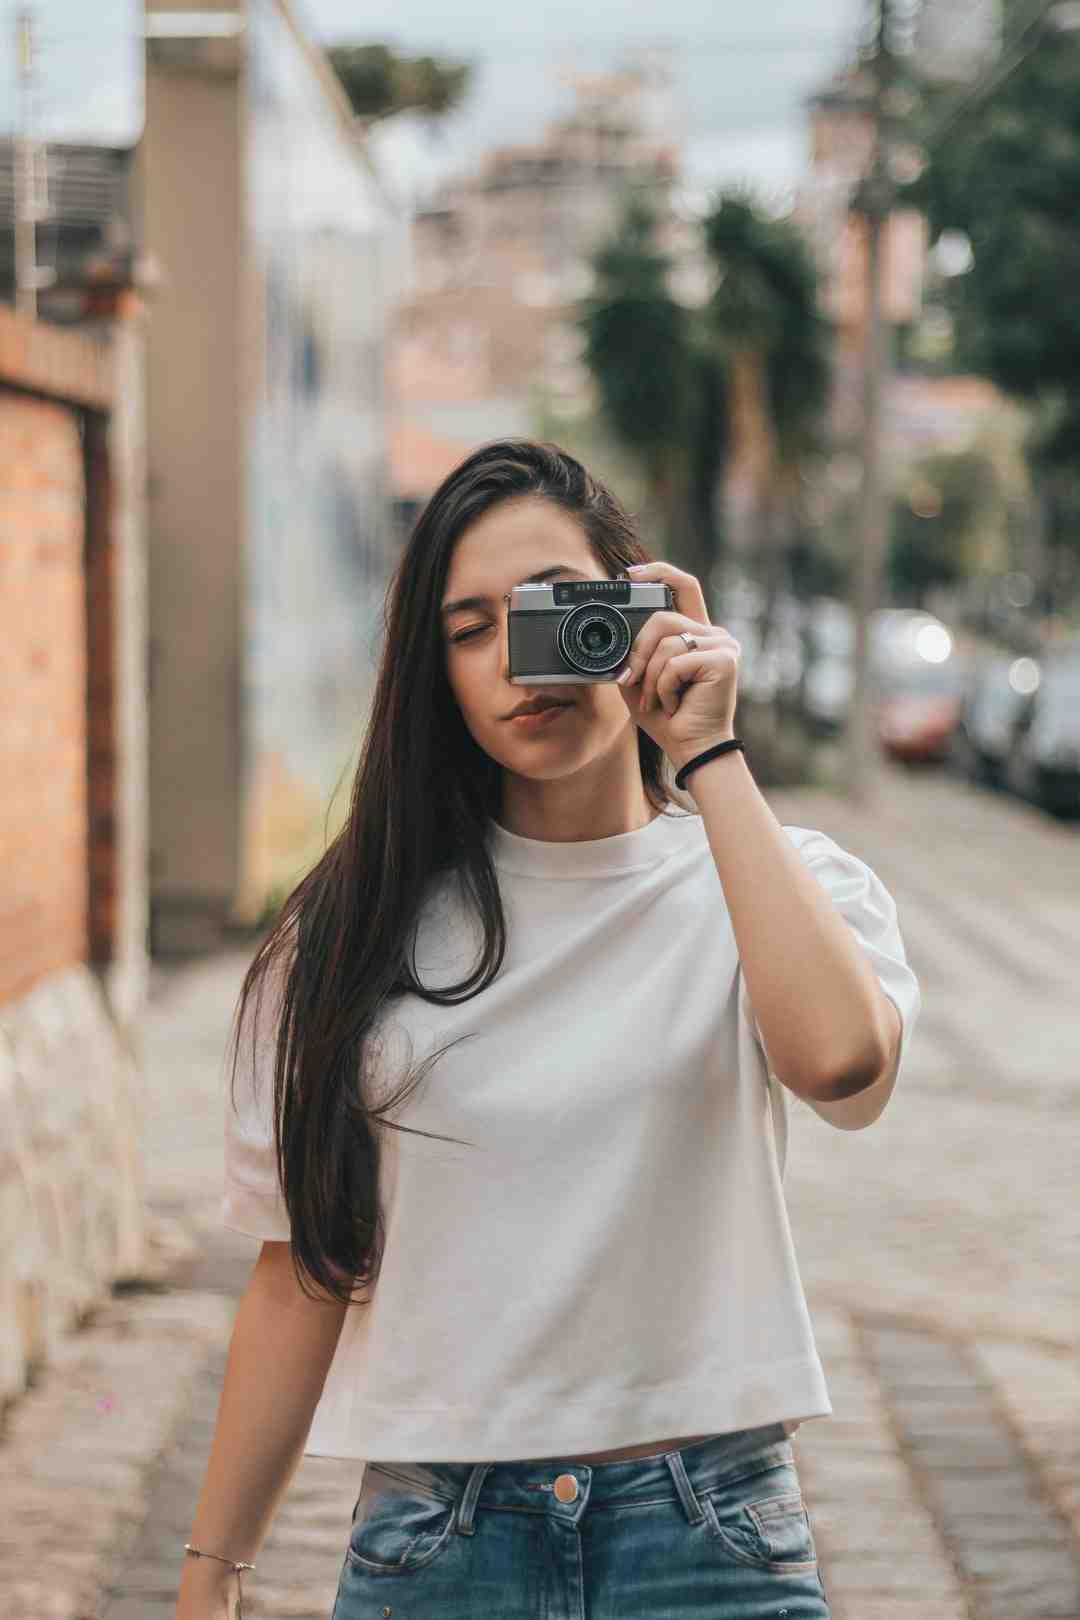 Comment flouter le visage d'une personne sur une photo ?